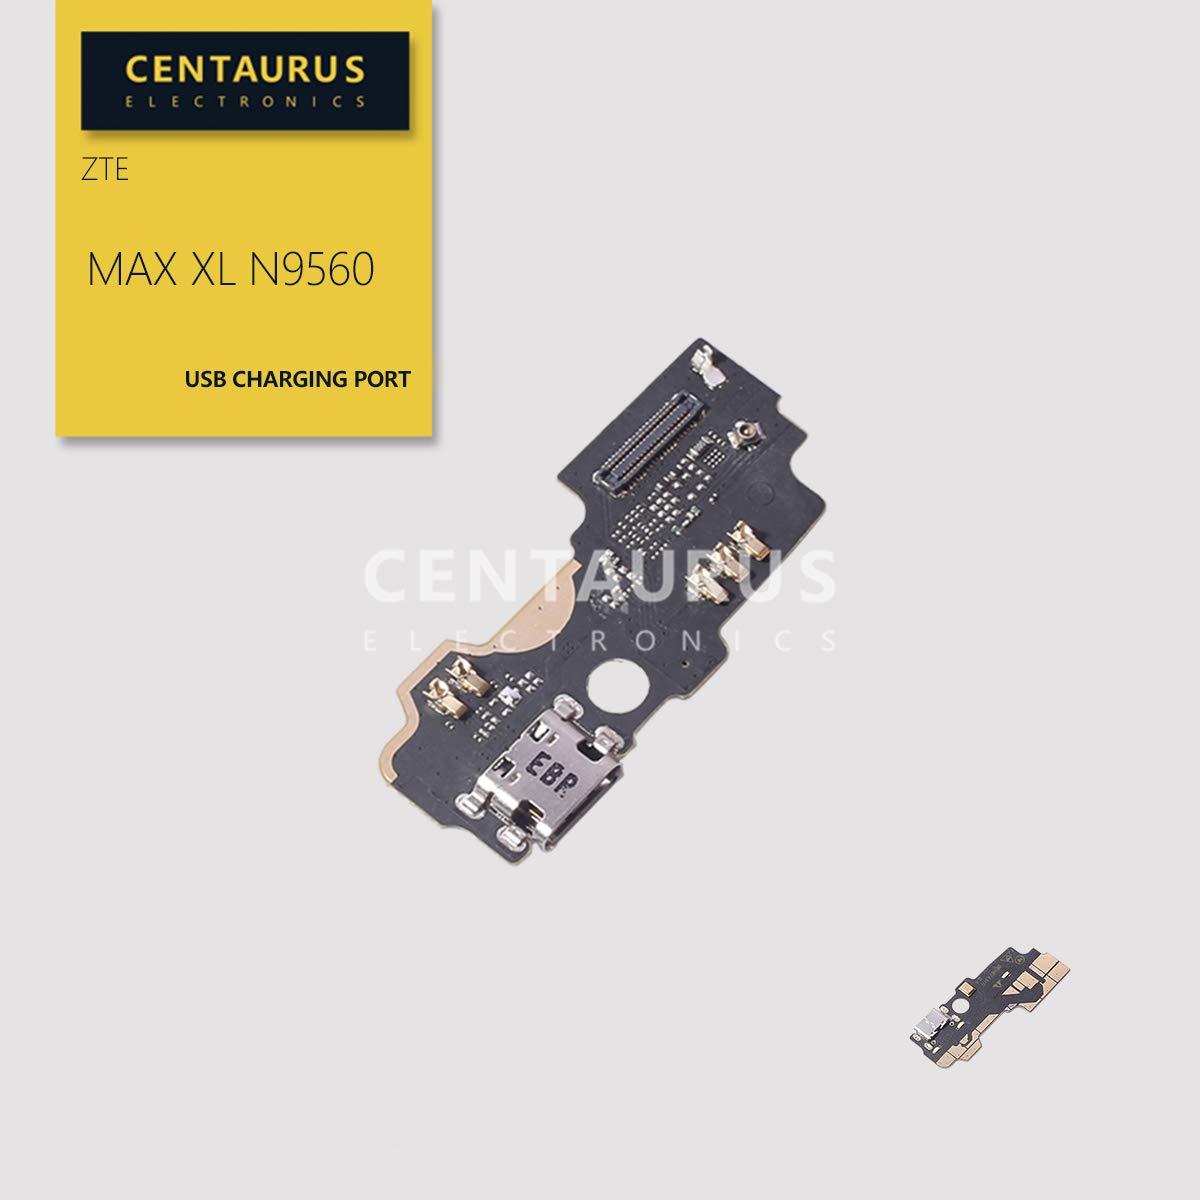 Puerto de Carga para ZTE MAX XL N9560 6.0